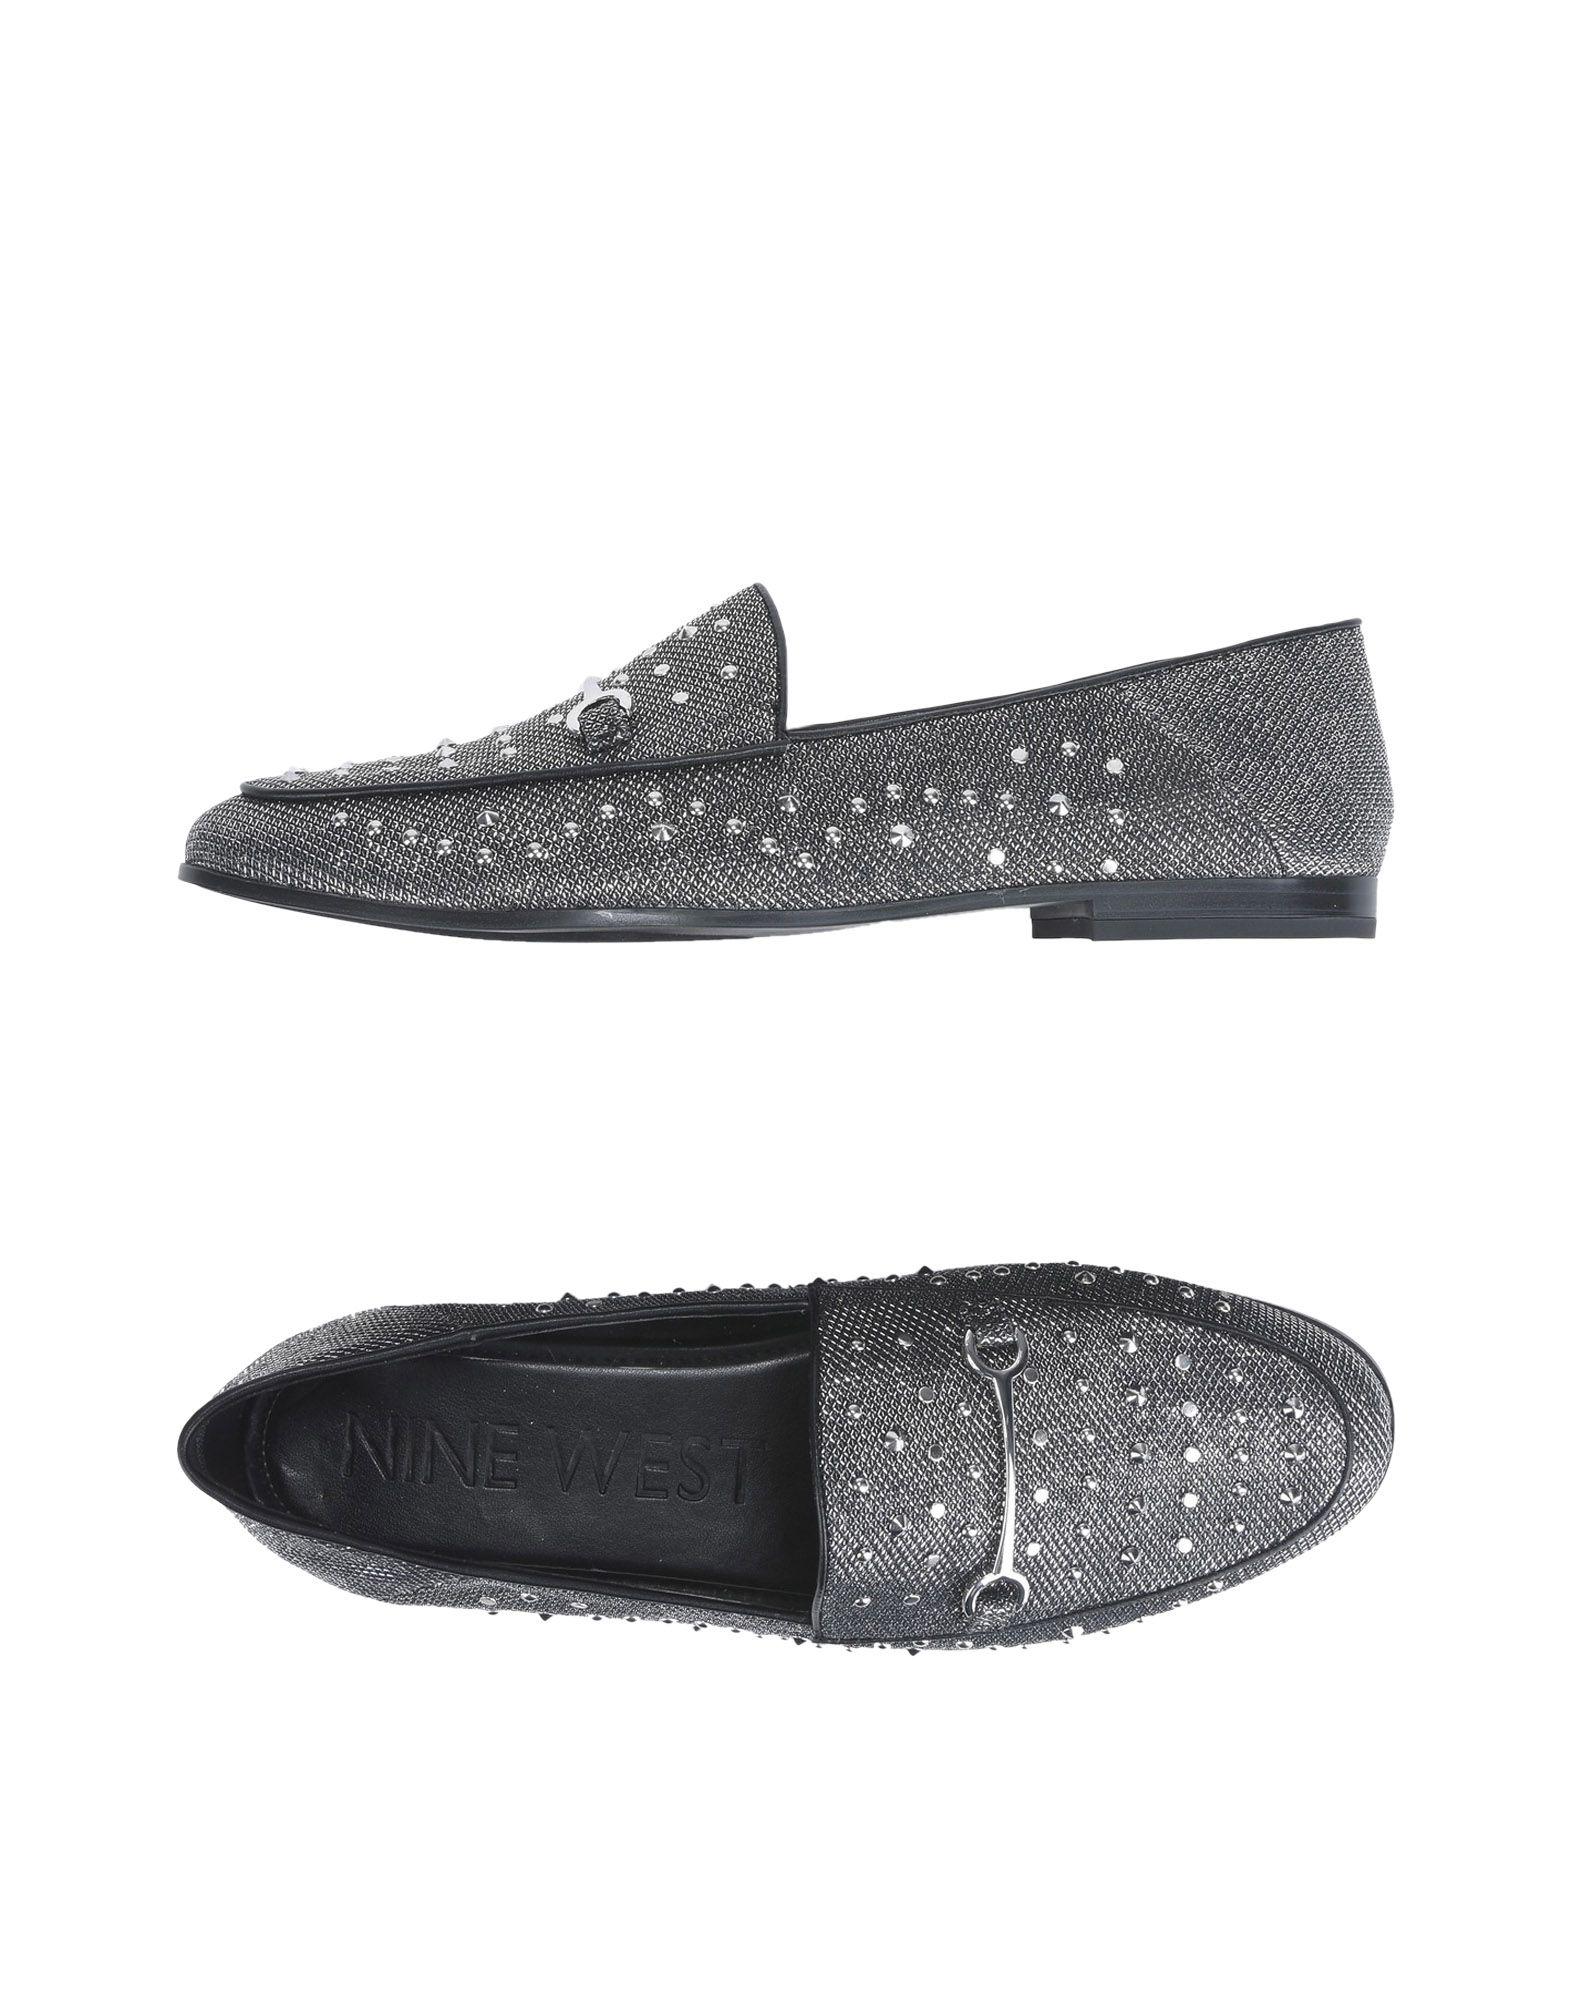 Nine West Westoy2  11483760PD Gute Qualität beliebte Schuhe